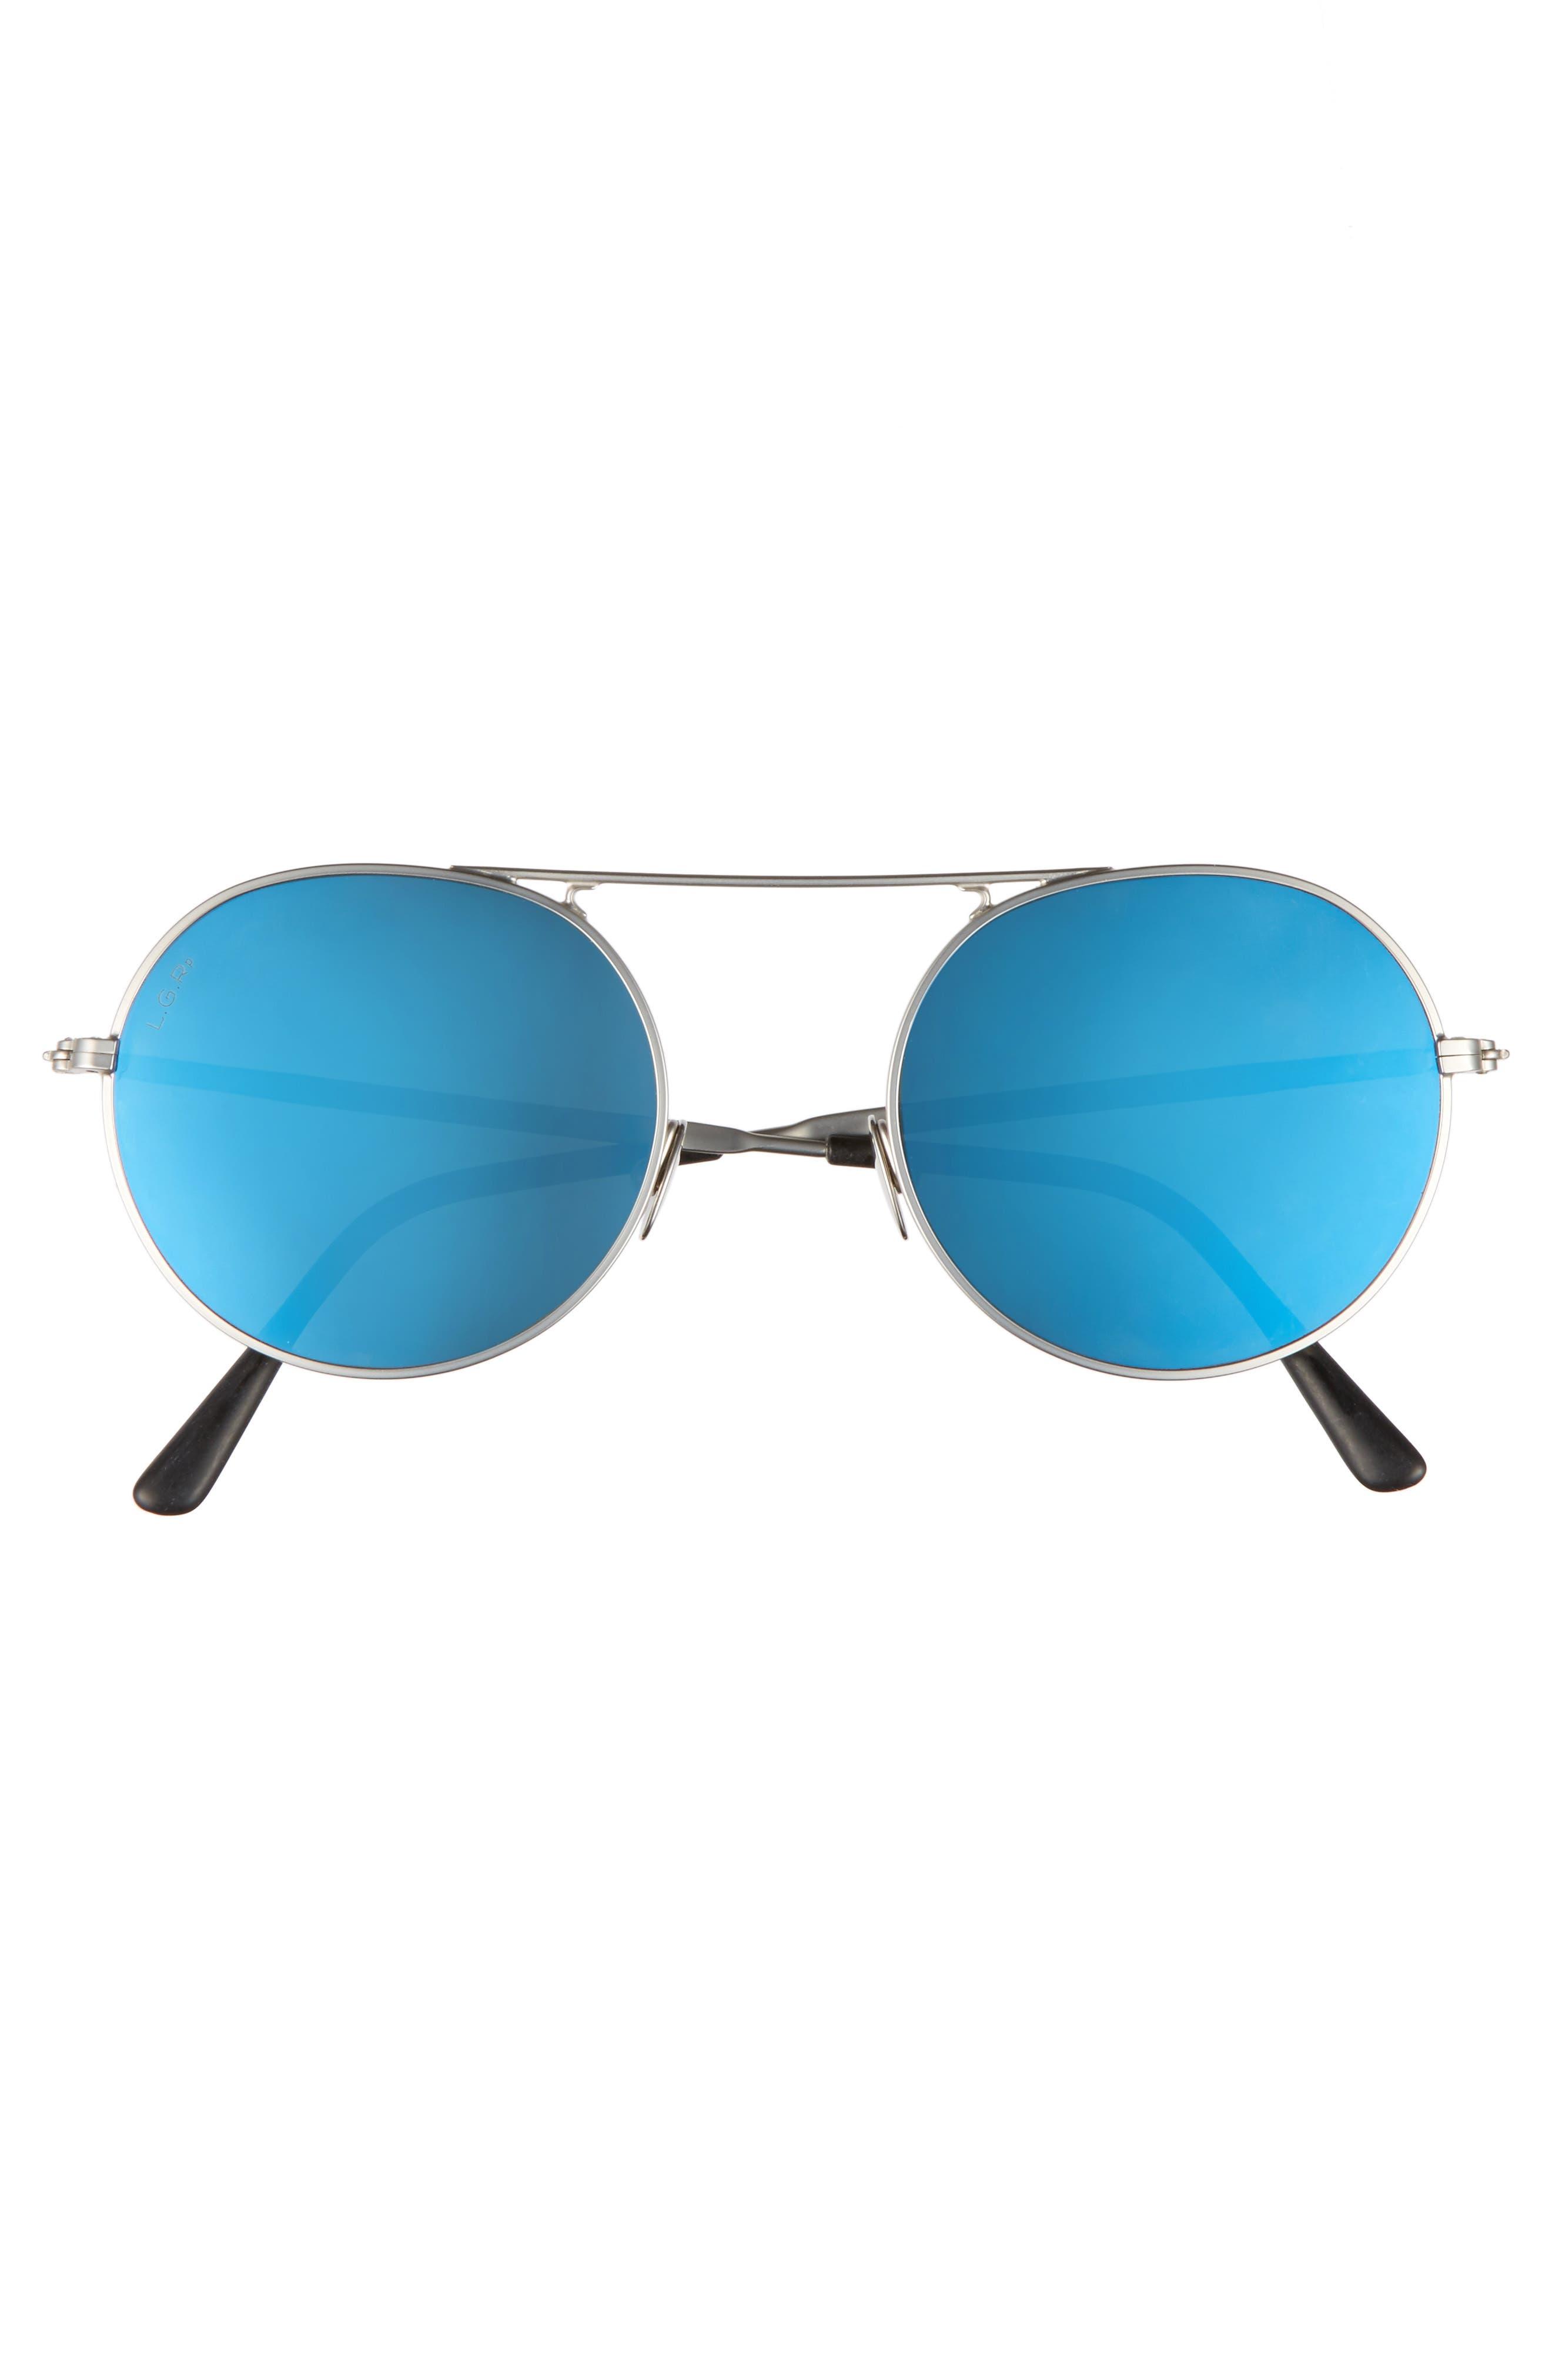 Tuareg 52mm Polarized Sunglasses,                             Alternate thumbnail 2, color,                             040